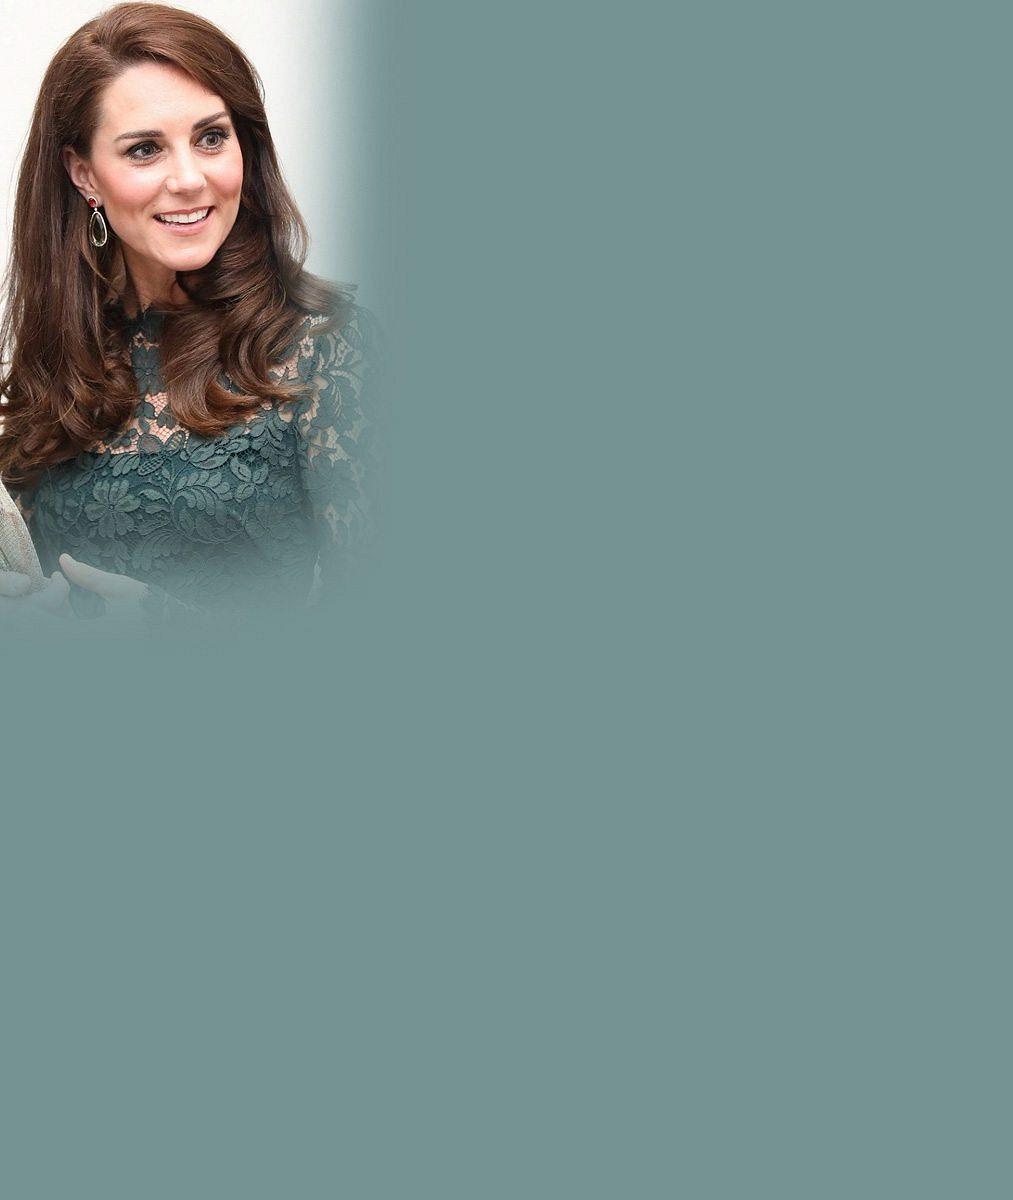 Vévodkyně Kate oblékla zelené krajkové šaty: V galerii byla tím nejkrásnějším exponátem